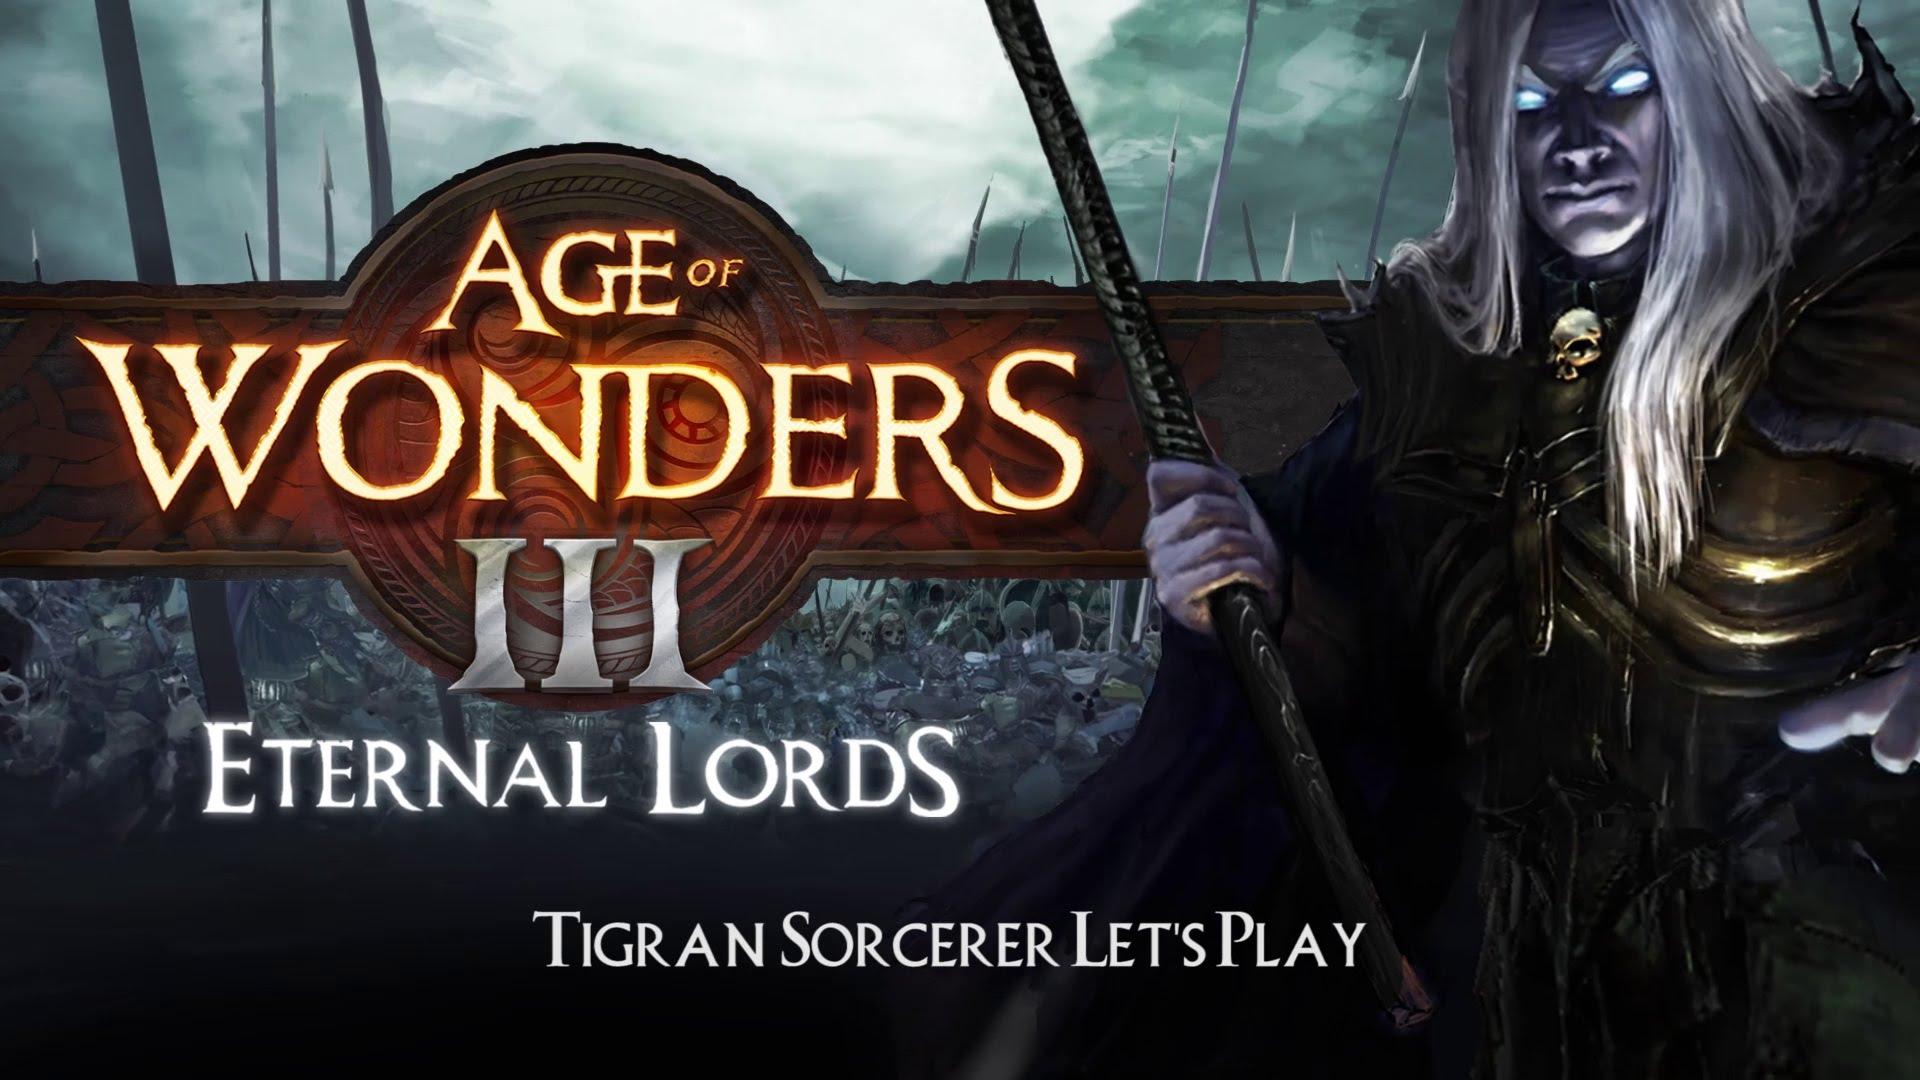 Age of Wonders III: Eternal Lords – Tigran Unifier Victory Let